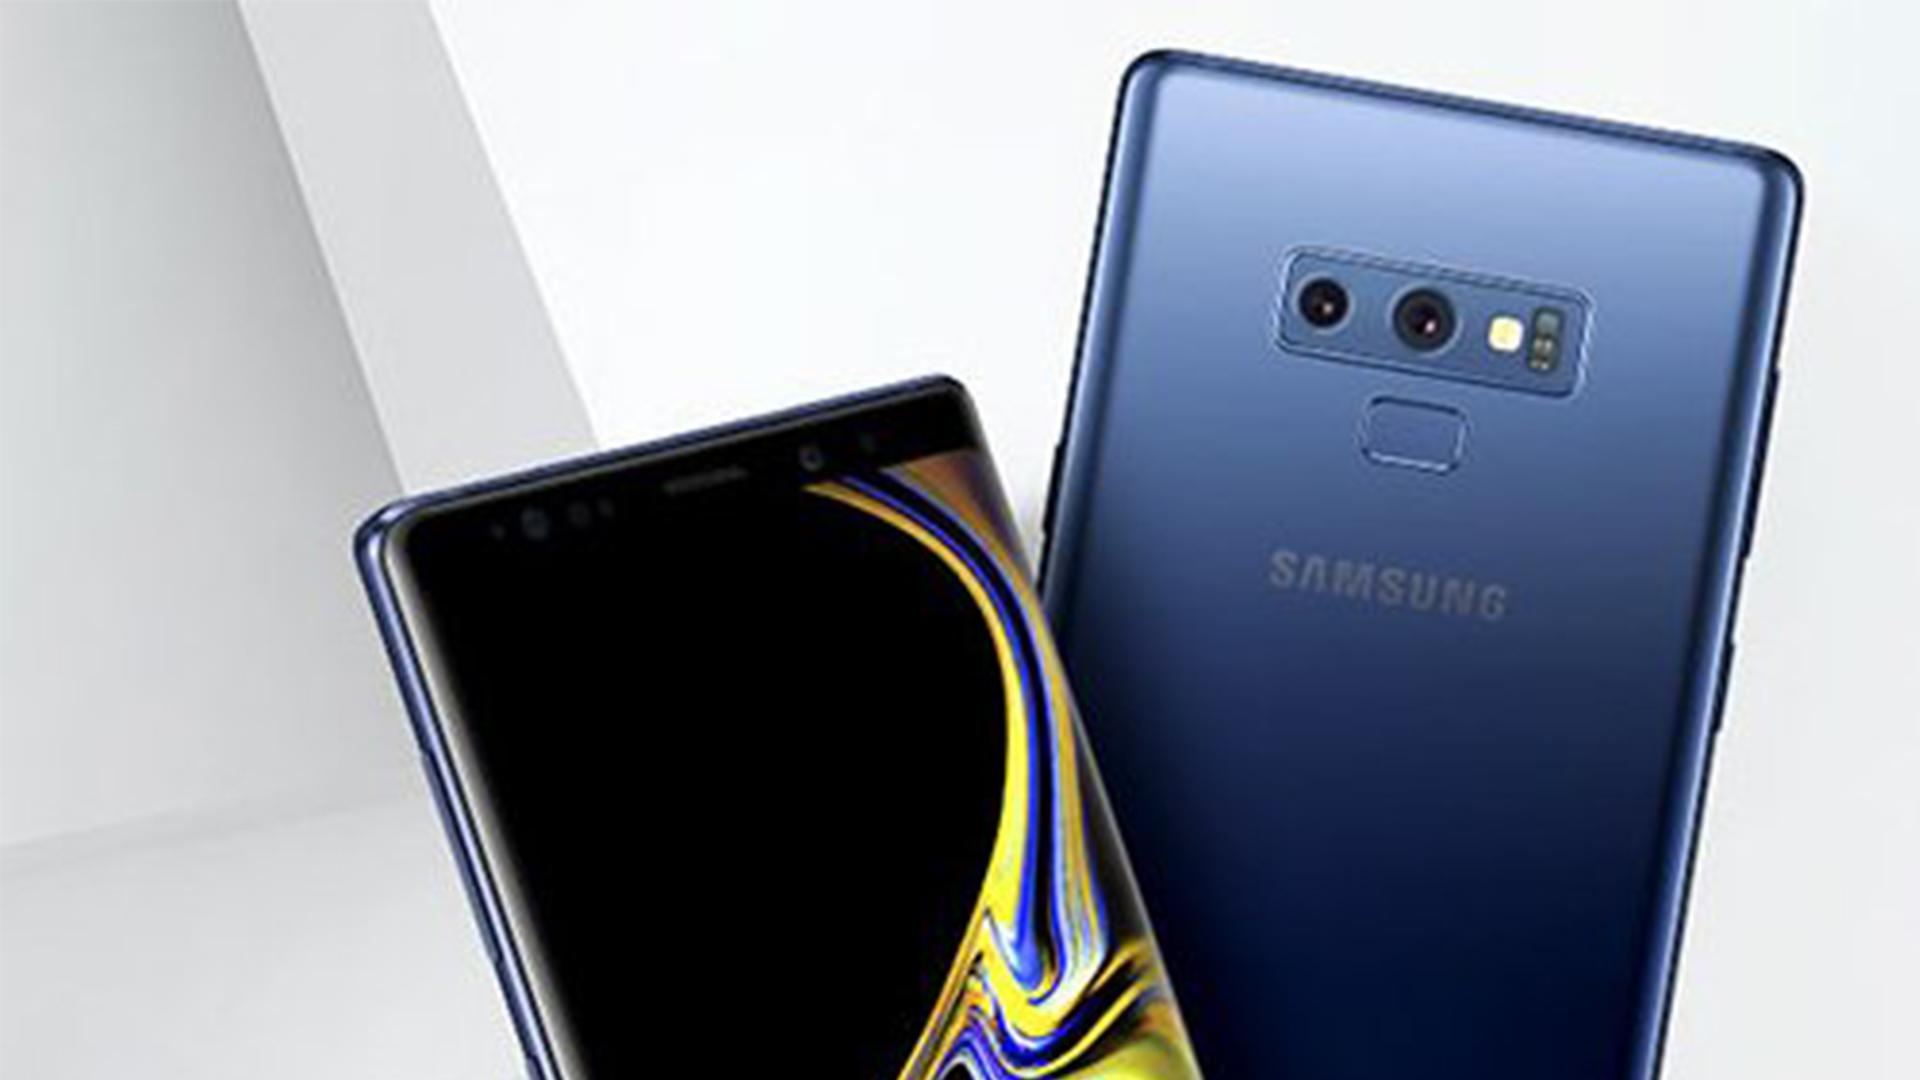 samsung galaxy note 9 leaked press render - قبل الكشف الرسمي، سامسونج تبدأ في تلقي الحجز للطلبات المسبقة لـ Galaxy Note 9